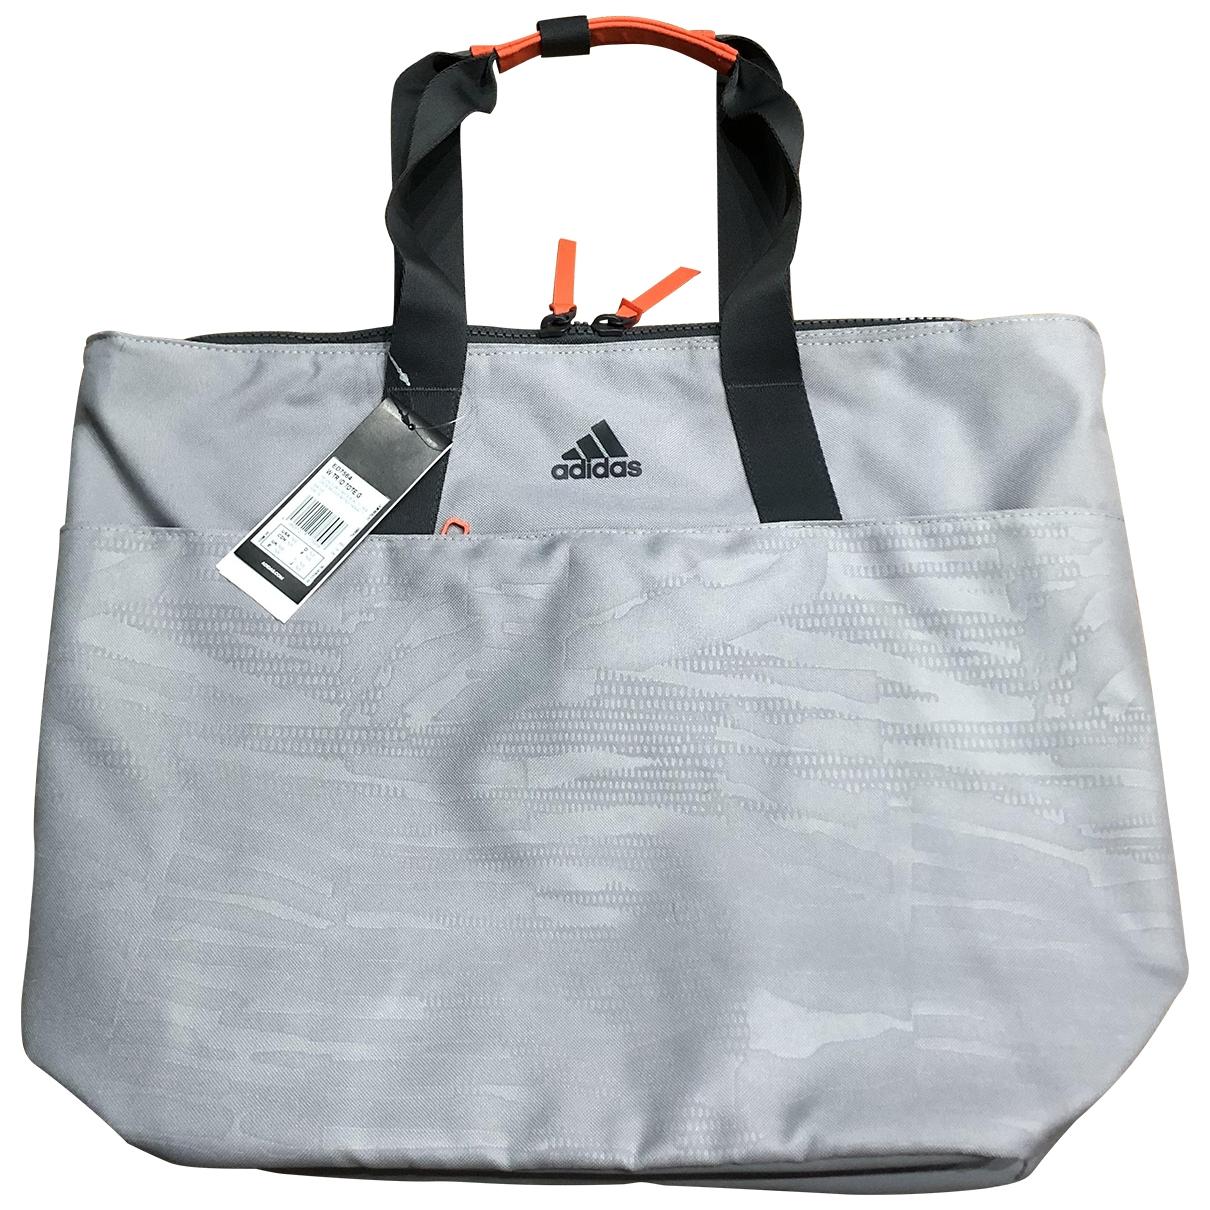 Adidas \N Grey Travel bag for Women \N